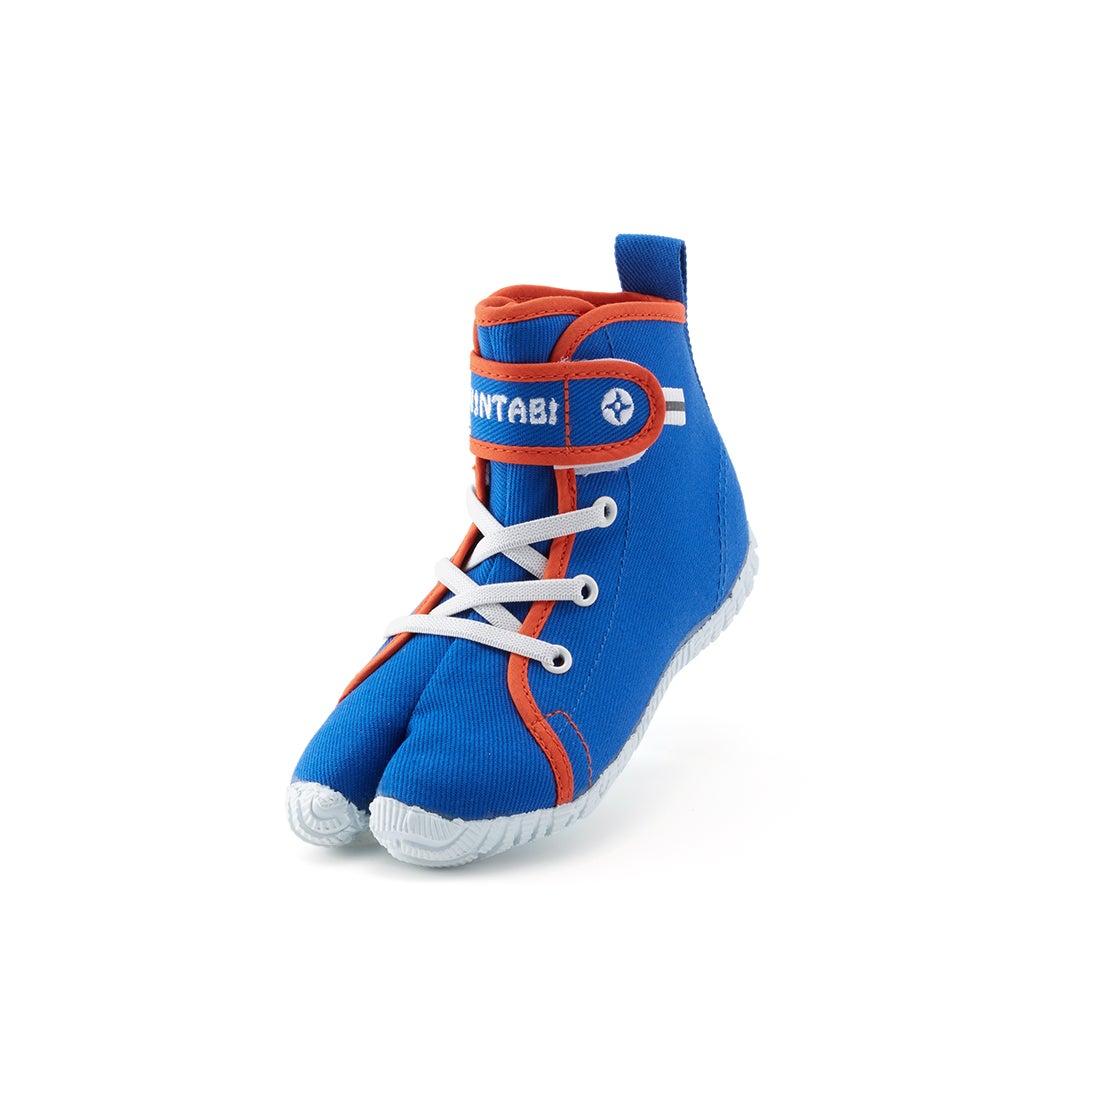 ニンタビ NINTABI [NTB-001] はだし感覚の子ども靴・NINTABI (ブルー)